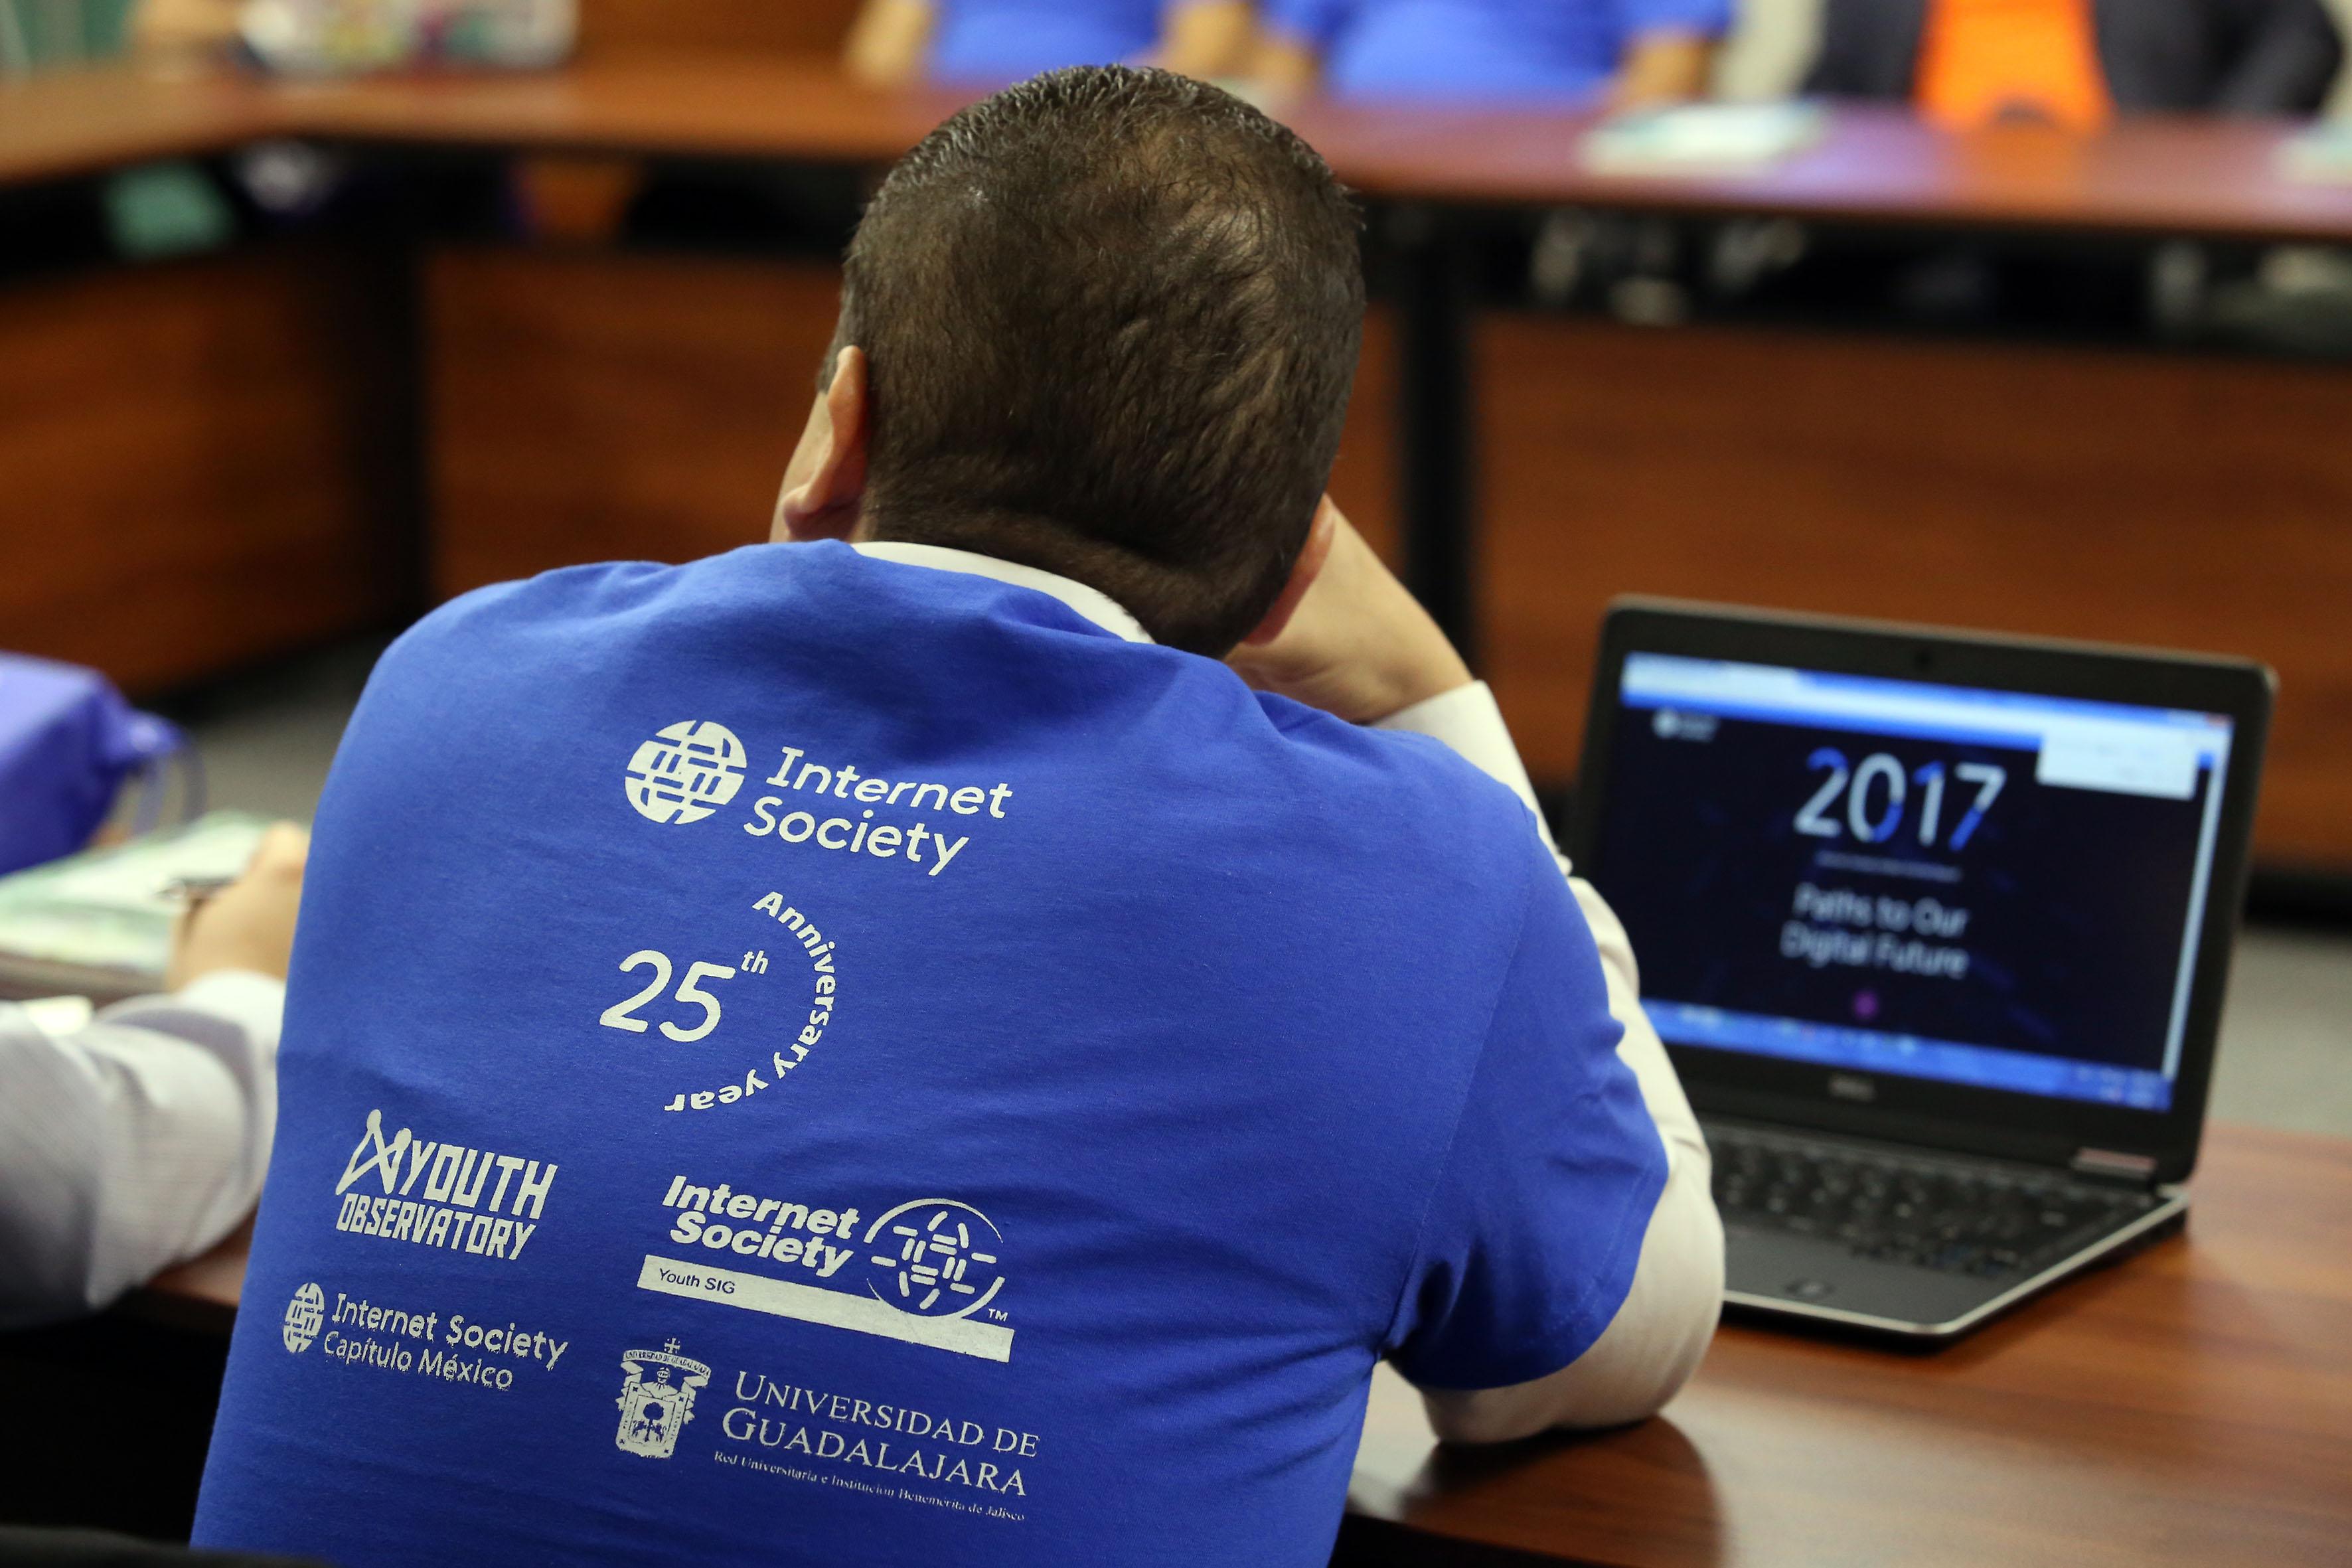 Jóven participante en el panel de la internet society llevada a cabo en instalaciones de la Rectoría.